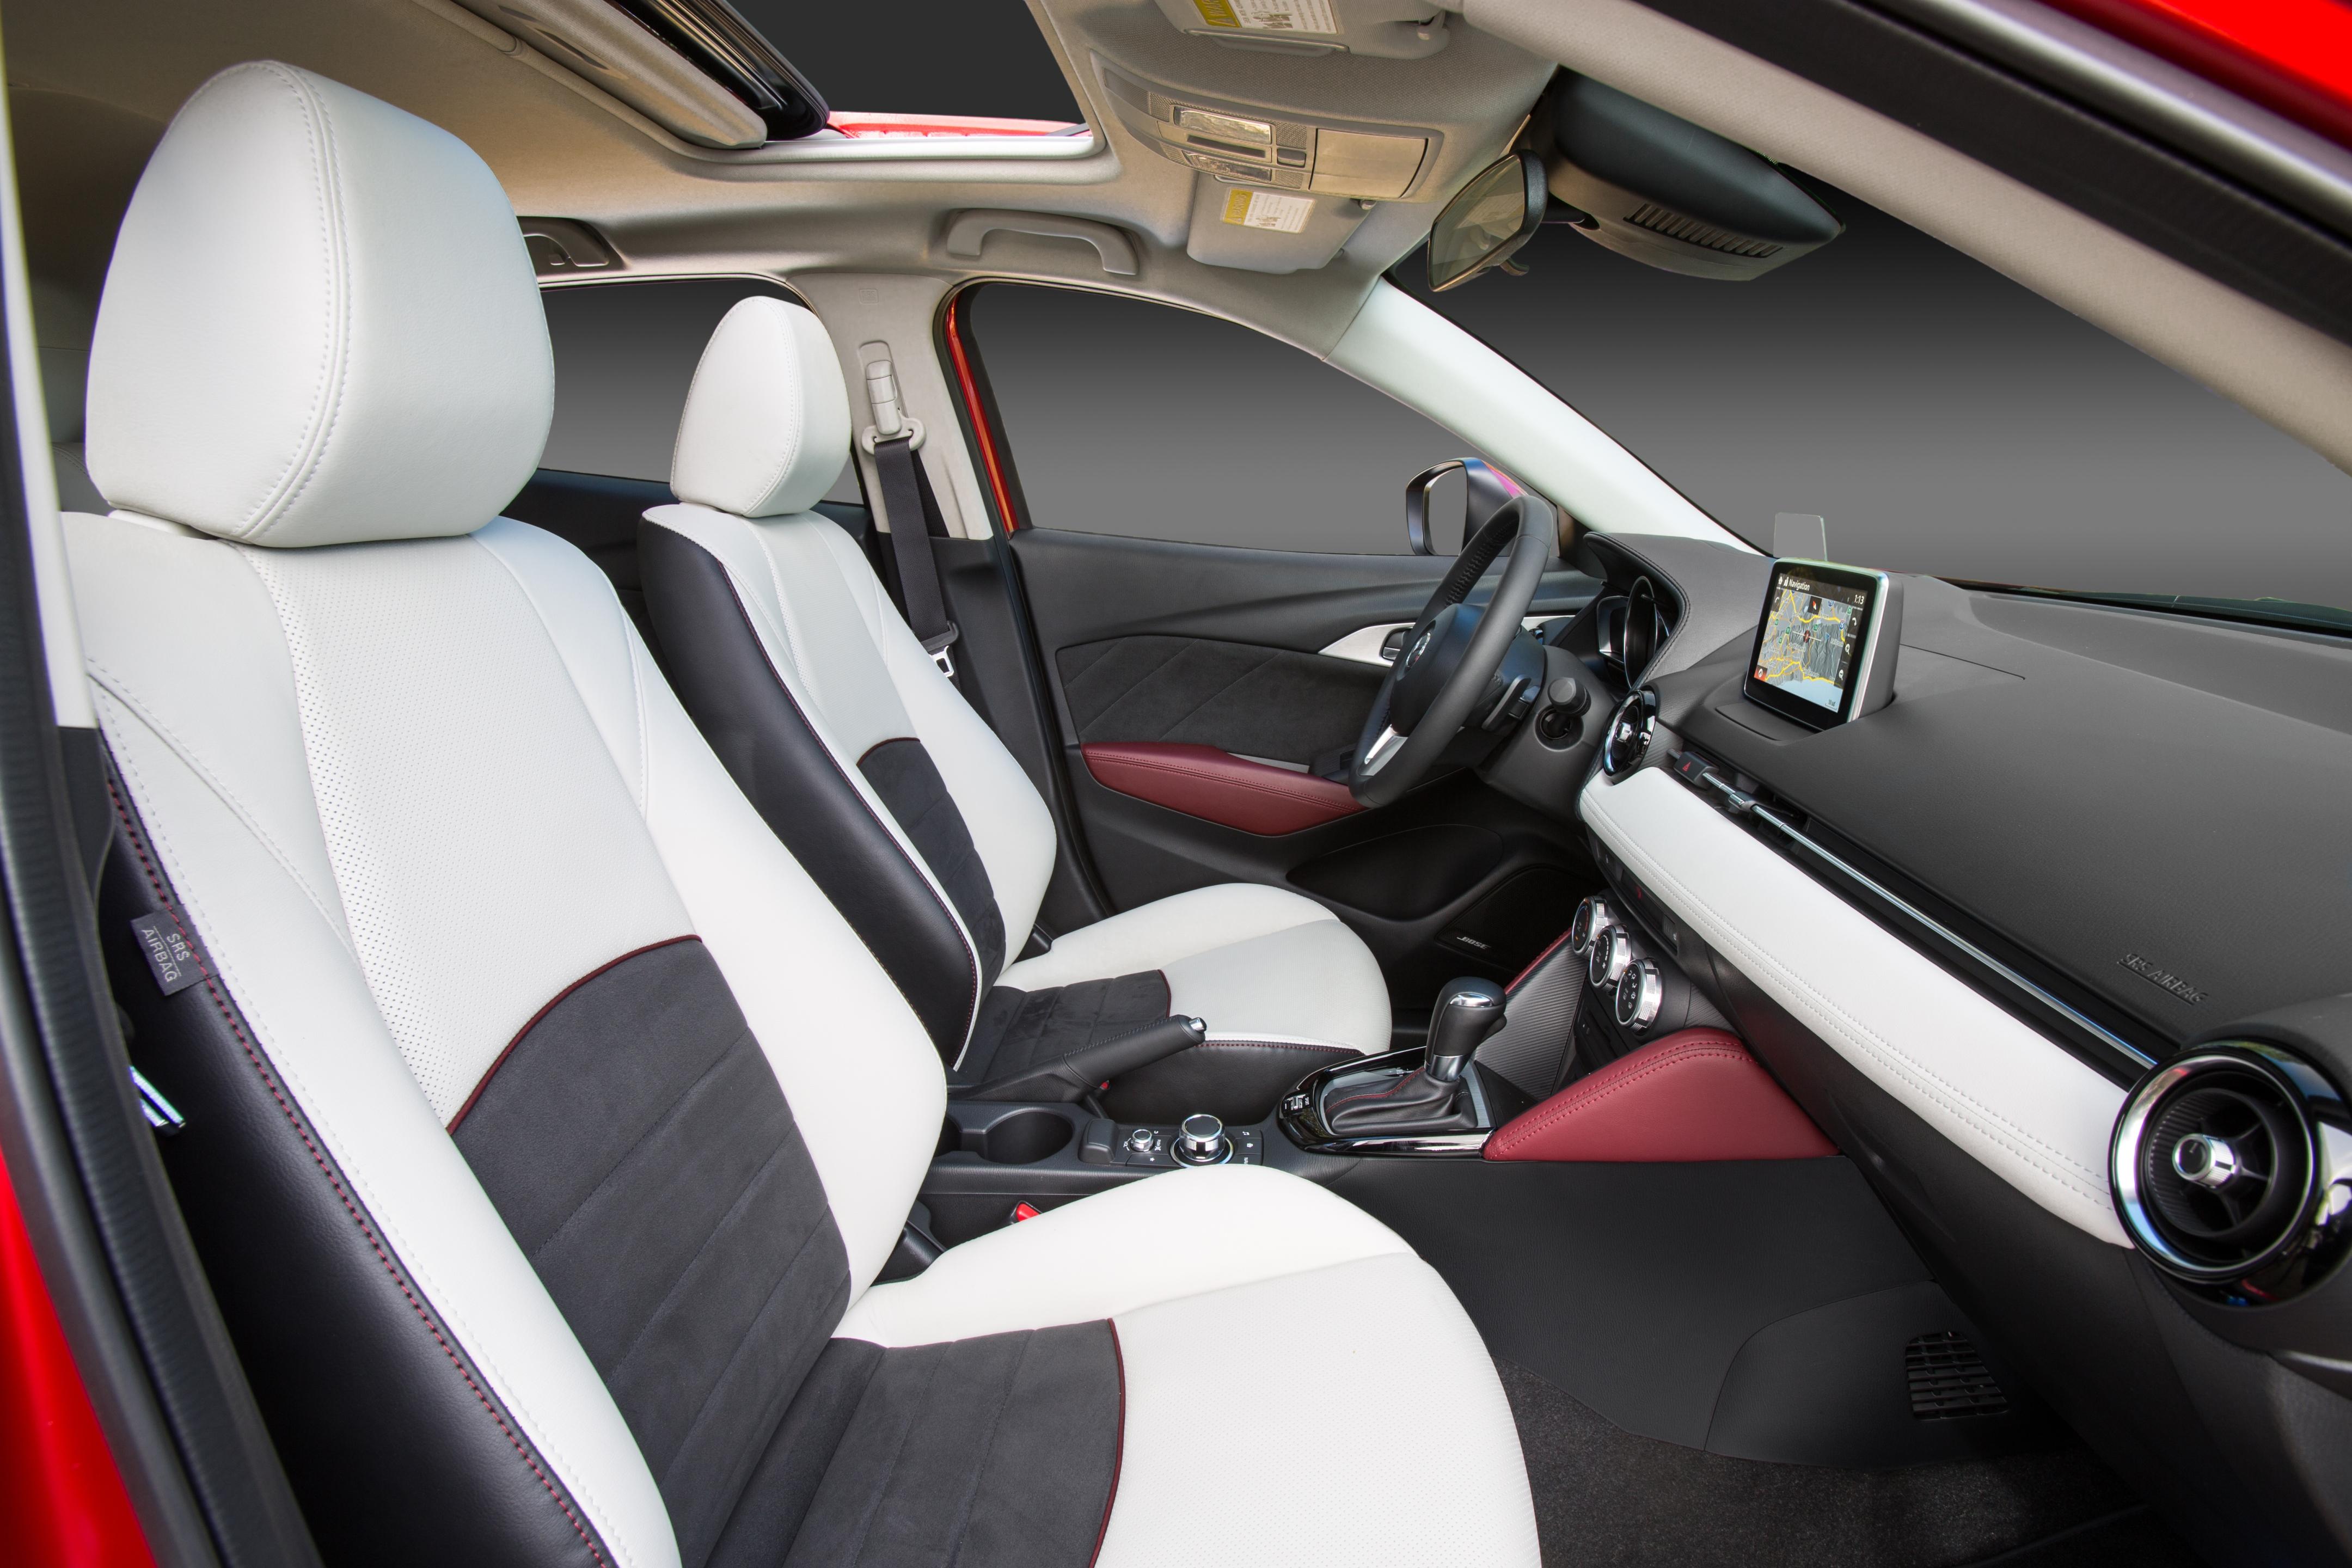 Mazda CX-3 Interior 1